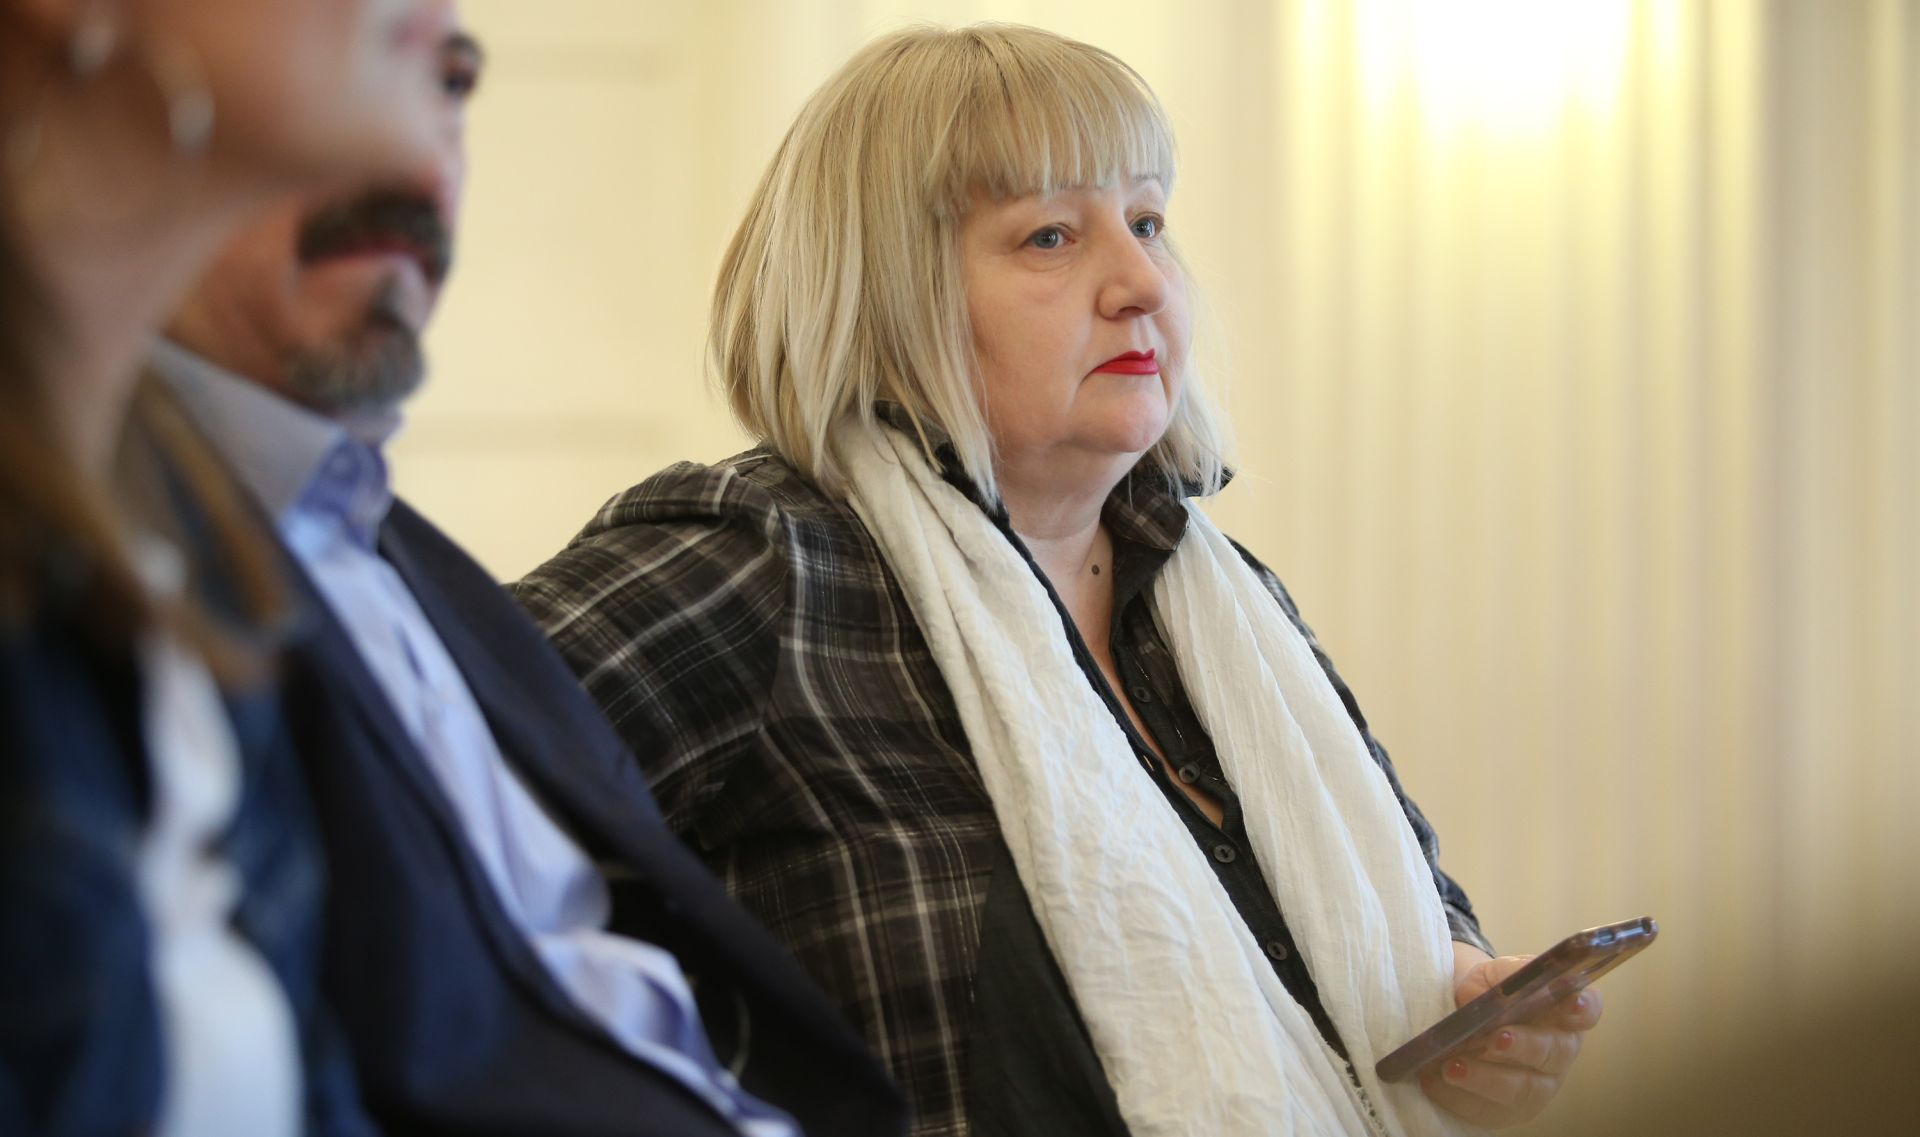 Sud presudio da je otkaz novinarki HRT-a Elizabeti Gojan nezakonit i vraća je na posao